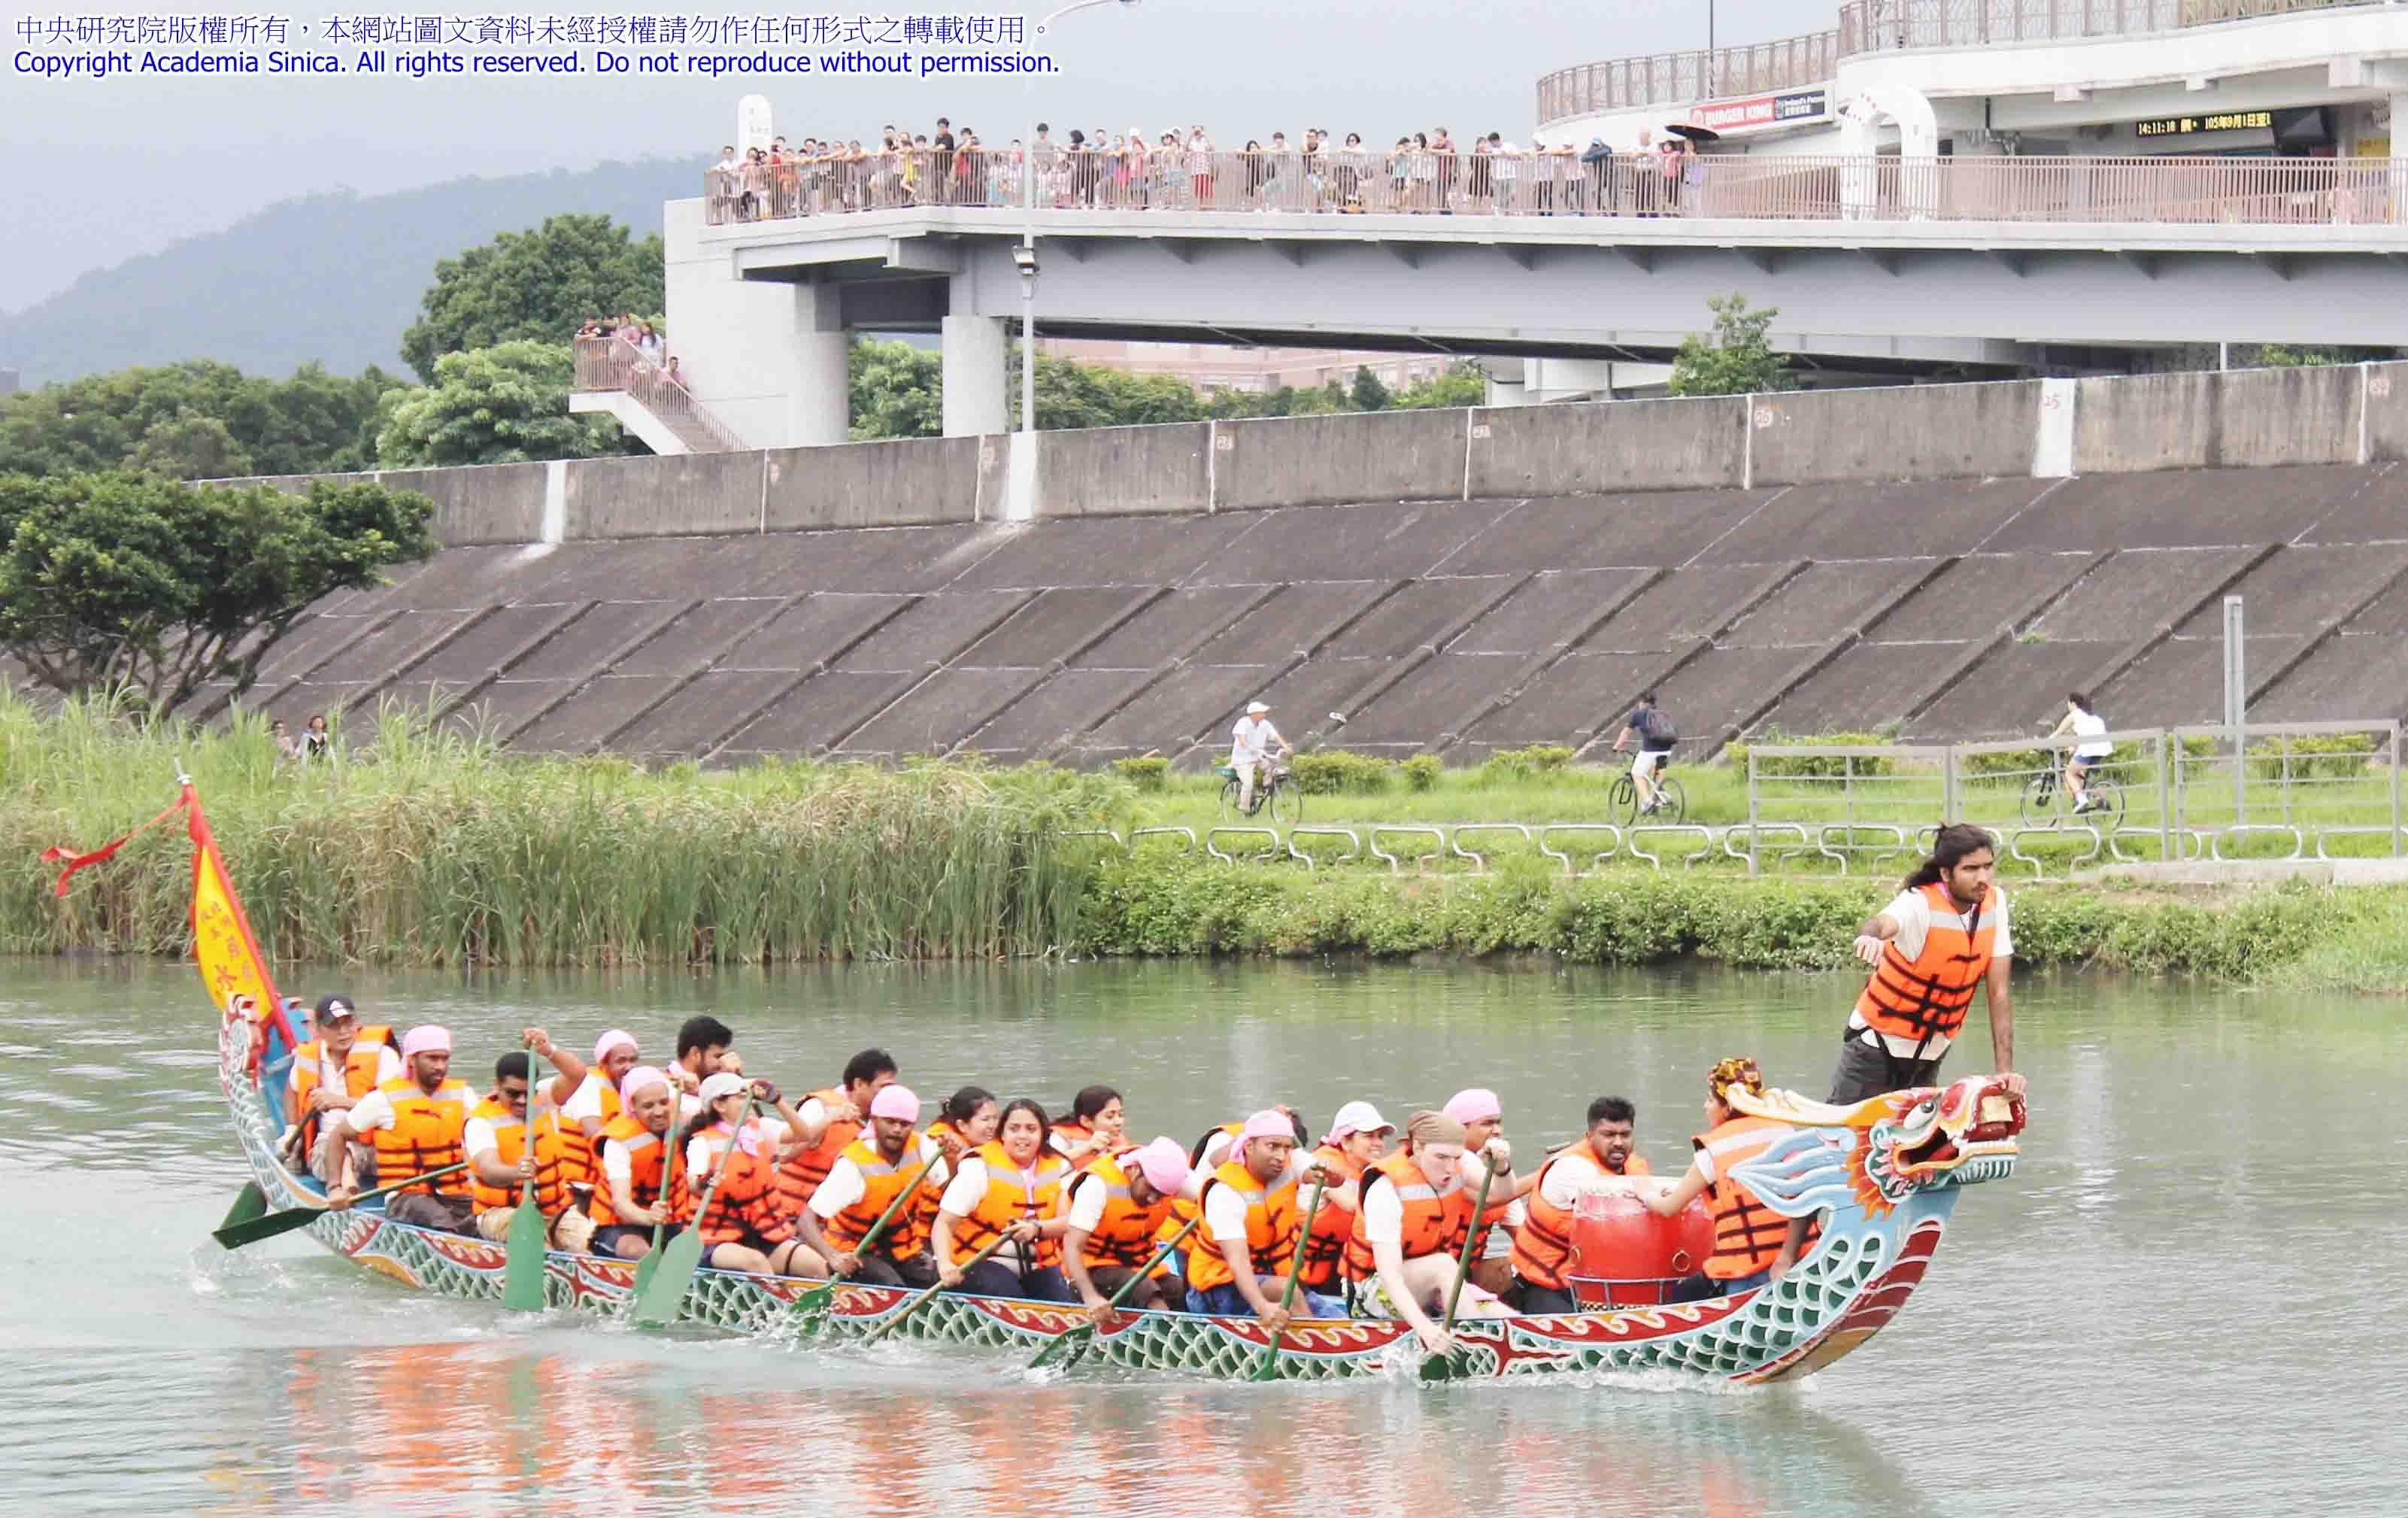 來自不同國家的 TIGP 學生,端午節一起參與划龍舟活動,激起跨文化交流的水花。圖│2017-05-30 Dragon Boat Race